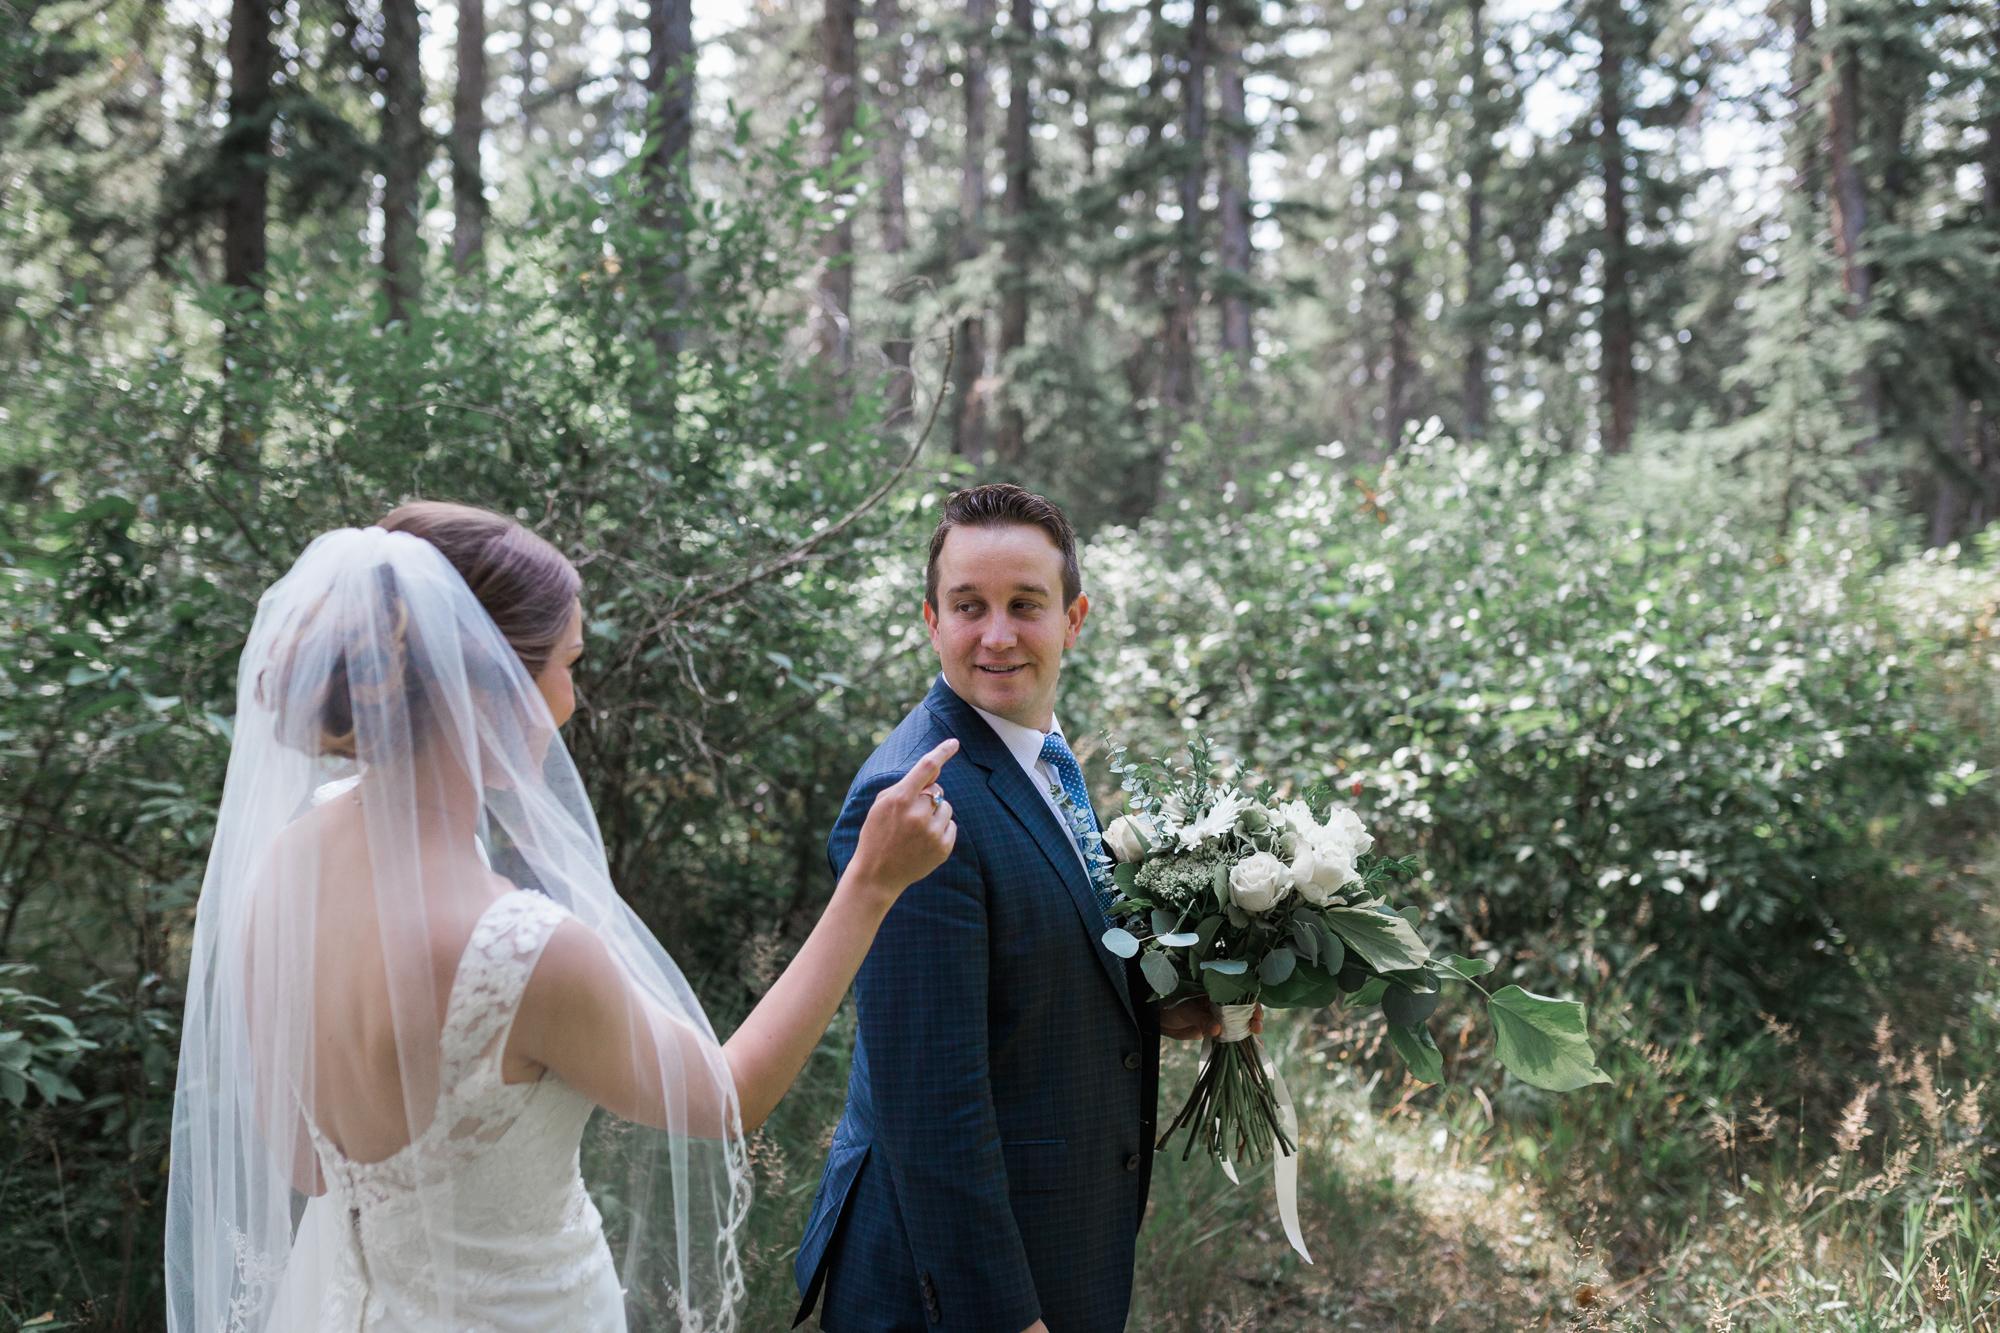 Deanna-Rachel-Photography-calgary-Wedding-photographer-jm-21.jpg